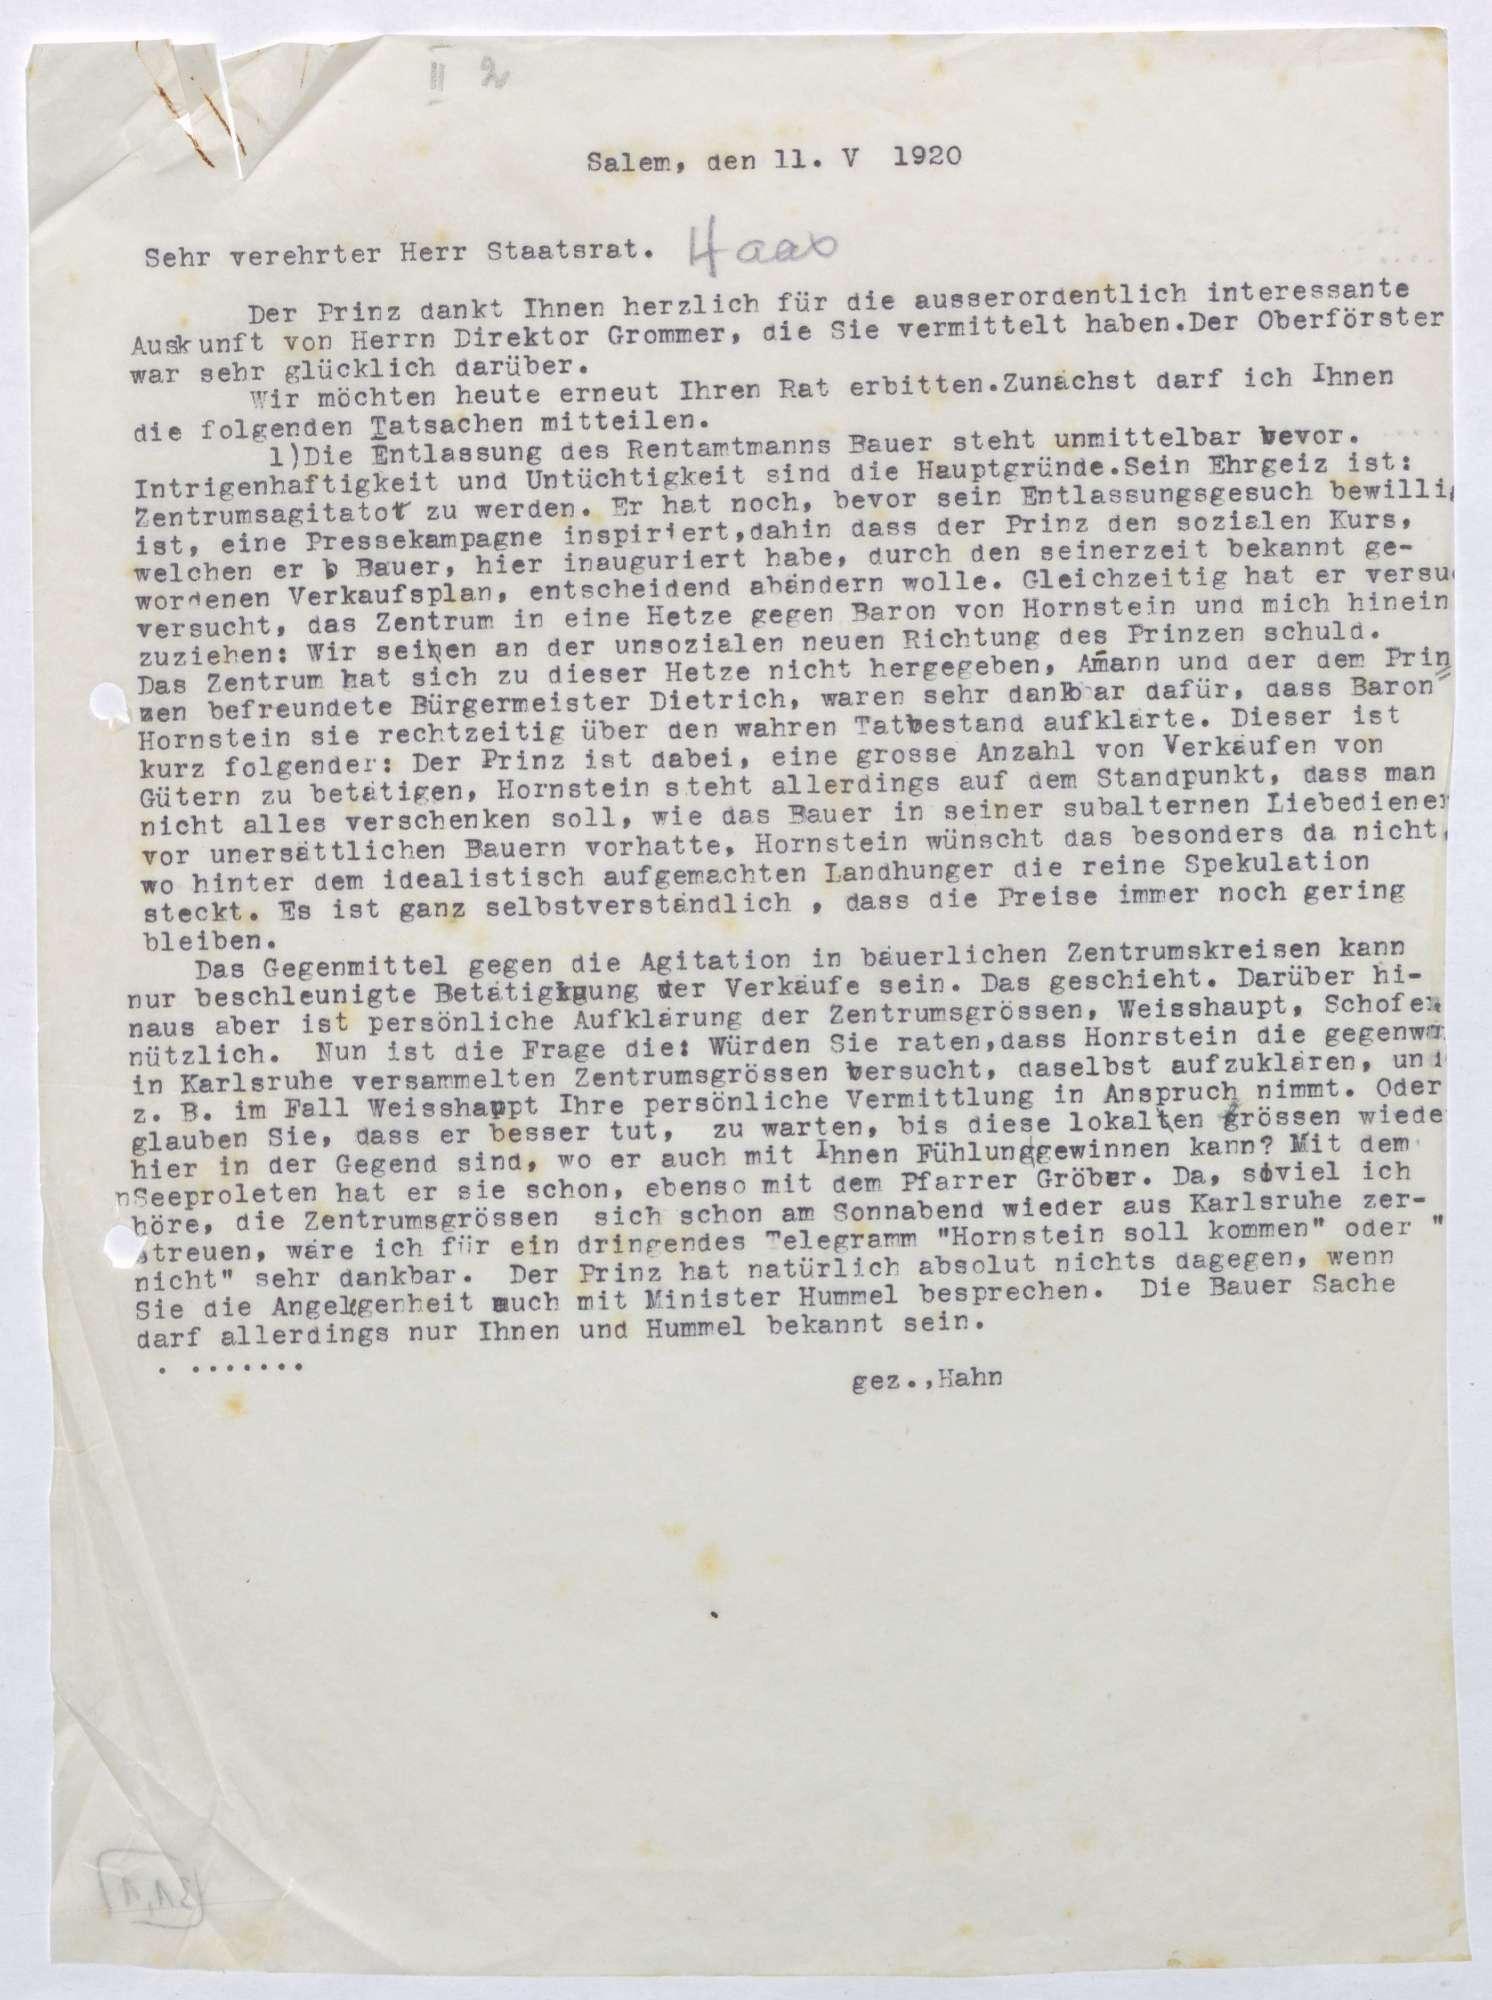 Schreiben von Kurt Hahn an Ludwig Haas; Entlassung des Salemer Rentamtmanns Bauer, Politik des Zentrums gegen Salem; zweifache Ausgabe, Bild 1